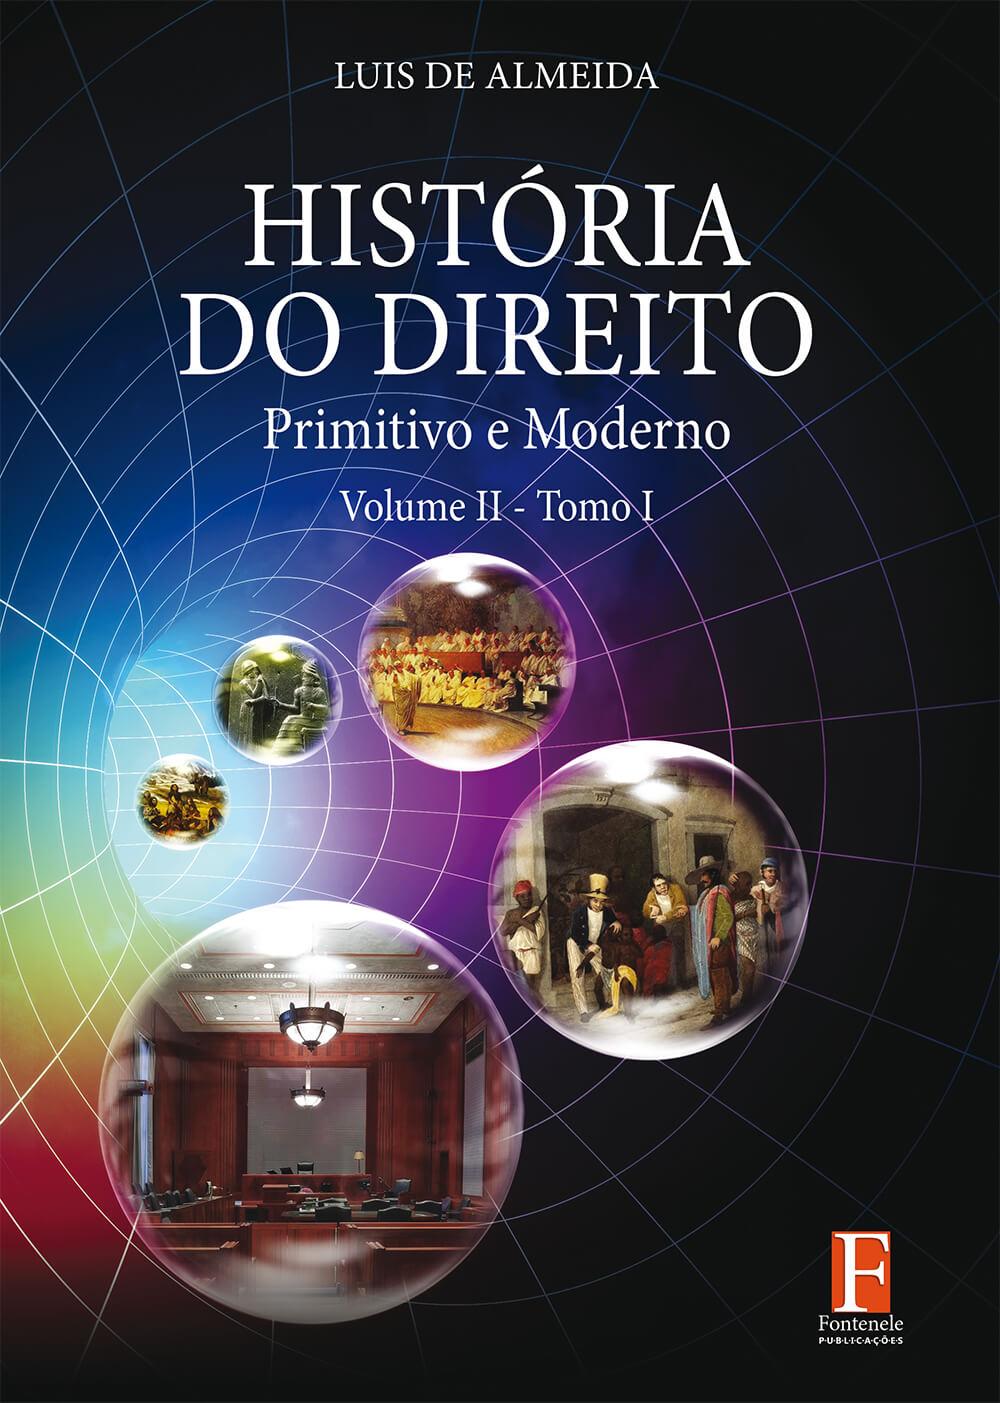 Fontenele Publicações / 11 95150-3481 / 11  95150-4383 História do Direito: Primitivo e Moderno – Volume II – Tomo I